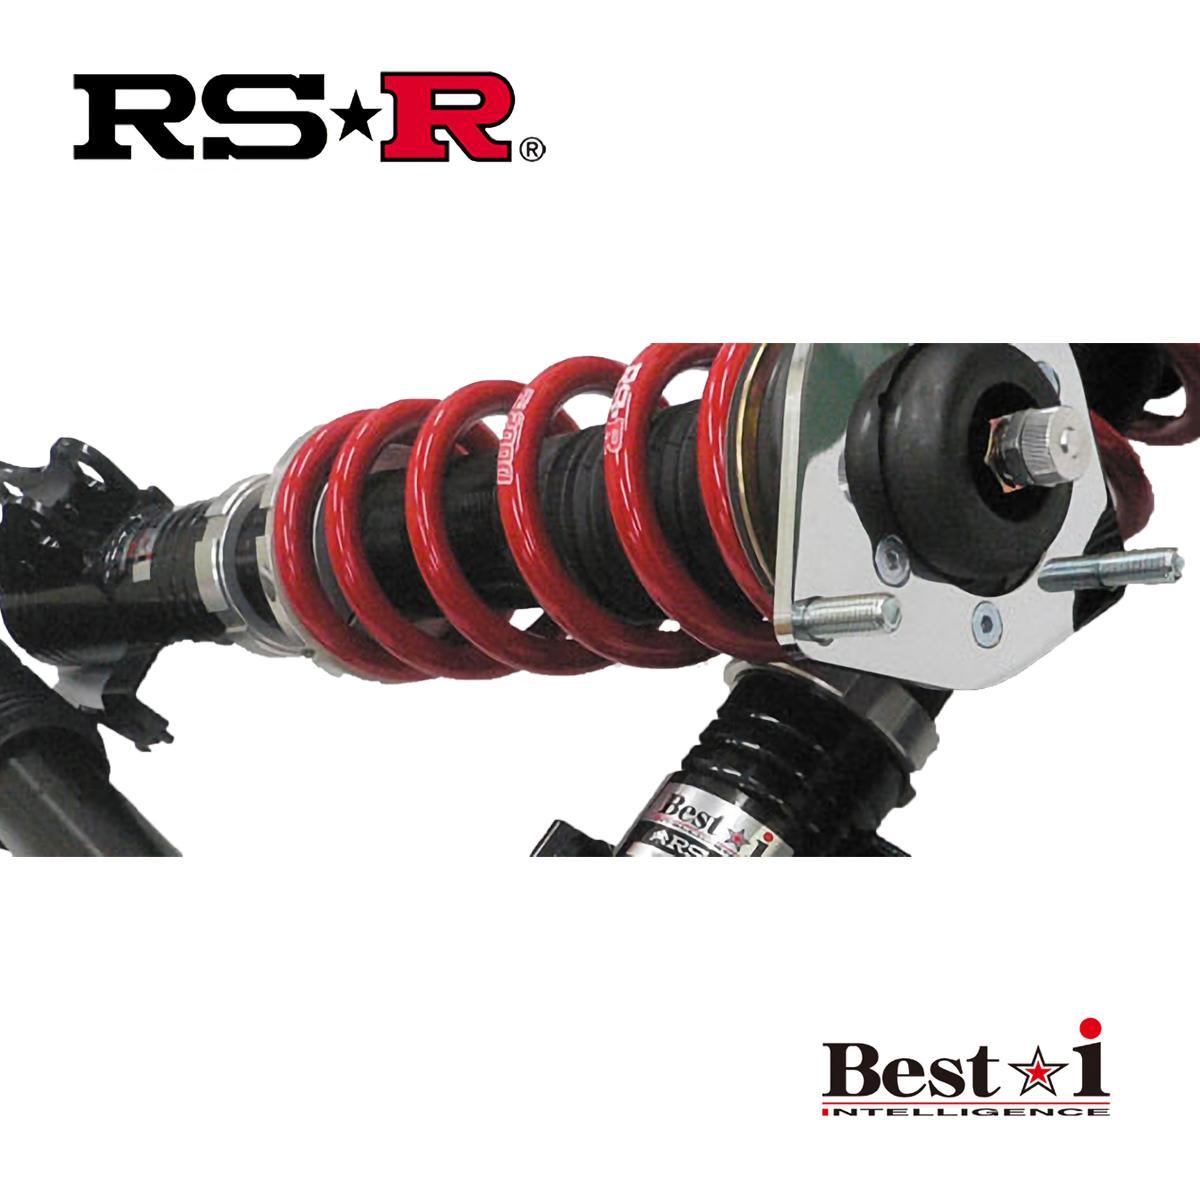 RS-R ランサー GSRエボリューション CT9A 車高調 リア車高調整:全長式/推奨仕様コード SPIB059M ベストi RSR 個人宅発送追金有